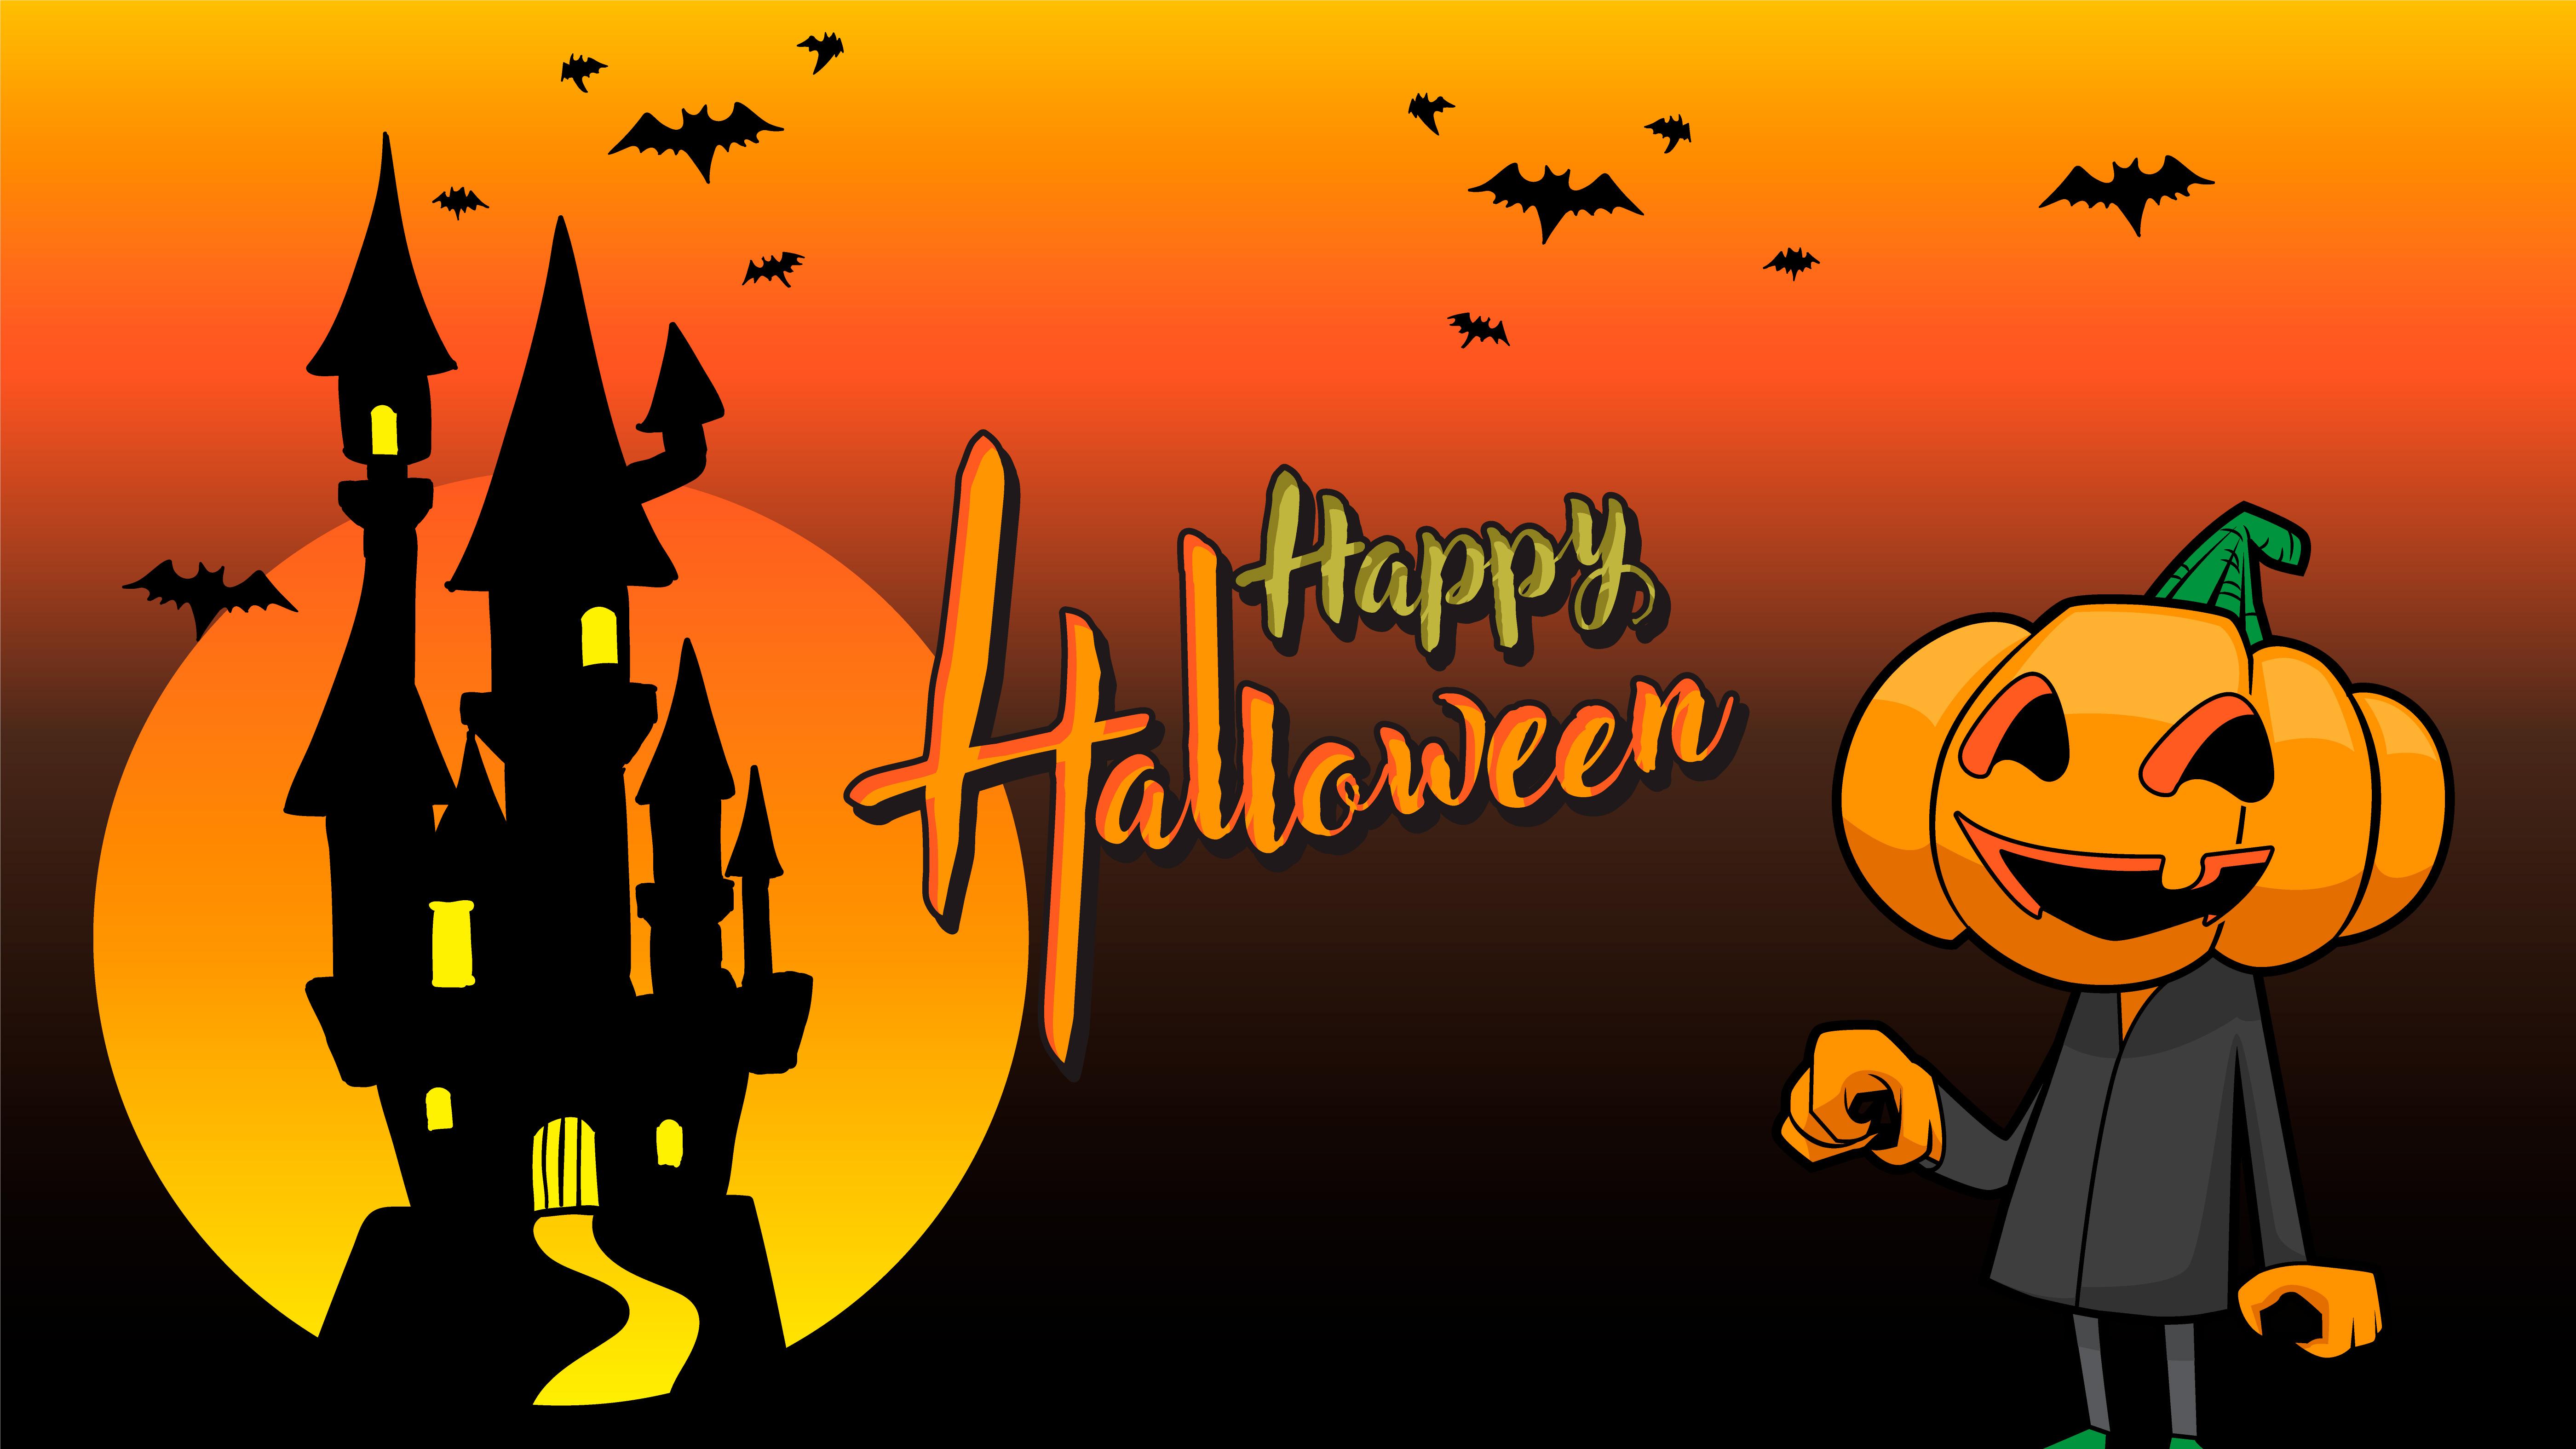 pumpkin happy halloween orange background 32 Vector Art at ...